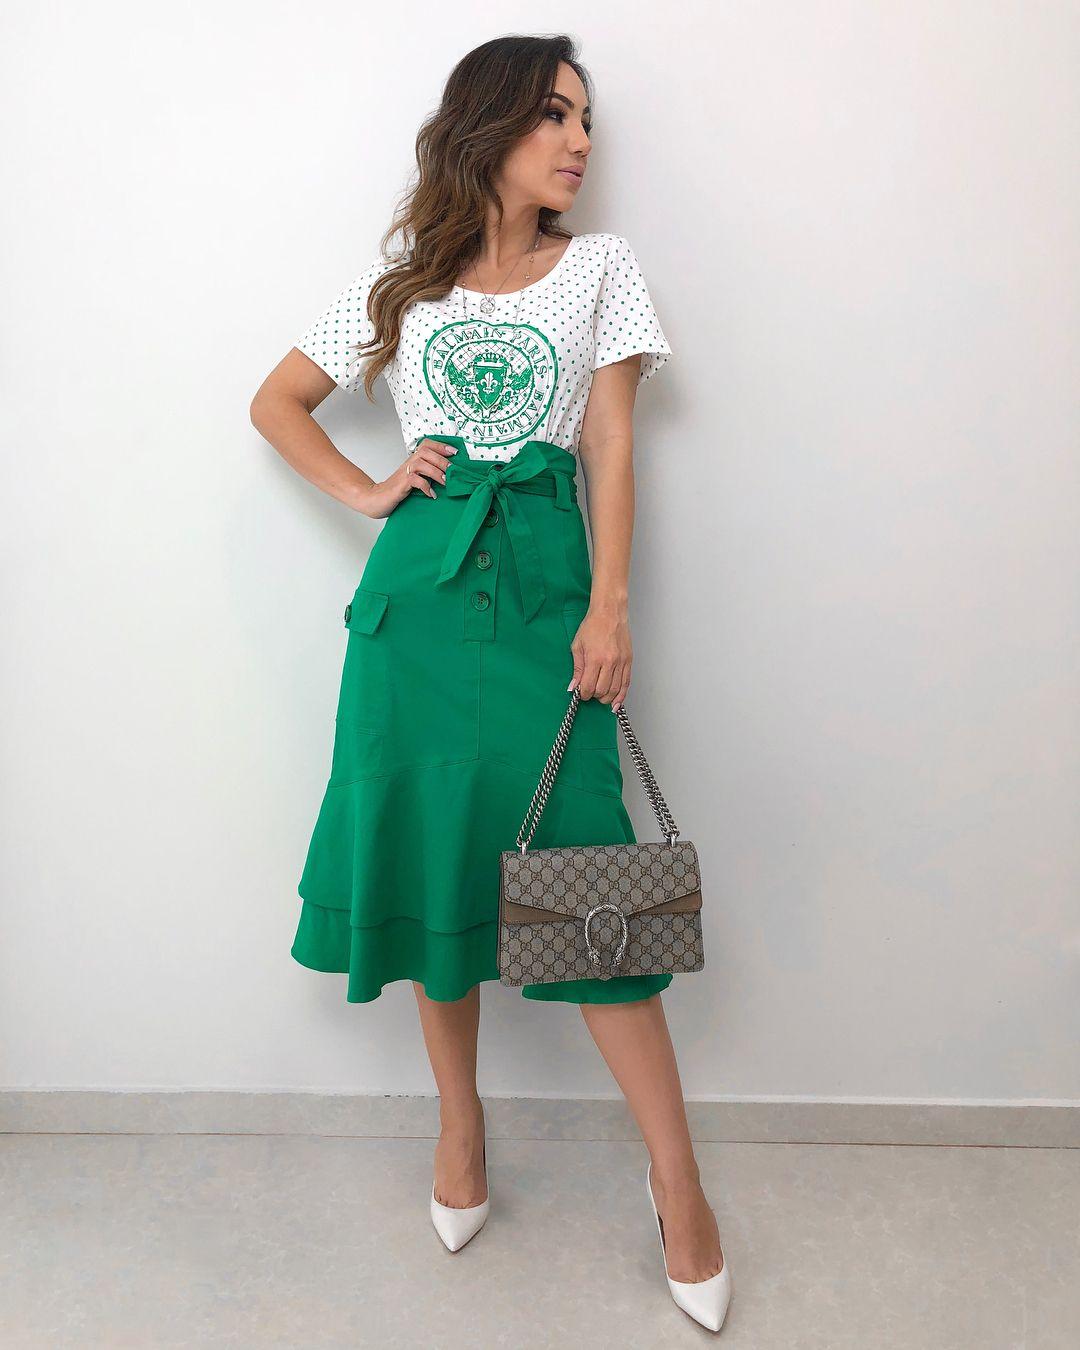 6797463e9 E esse look Brasil ! Perfeitooo 💚✨ T-shirt Balmain R 119